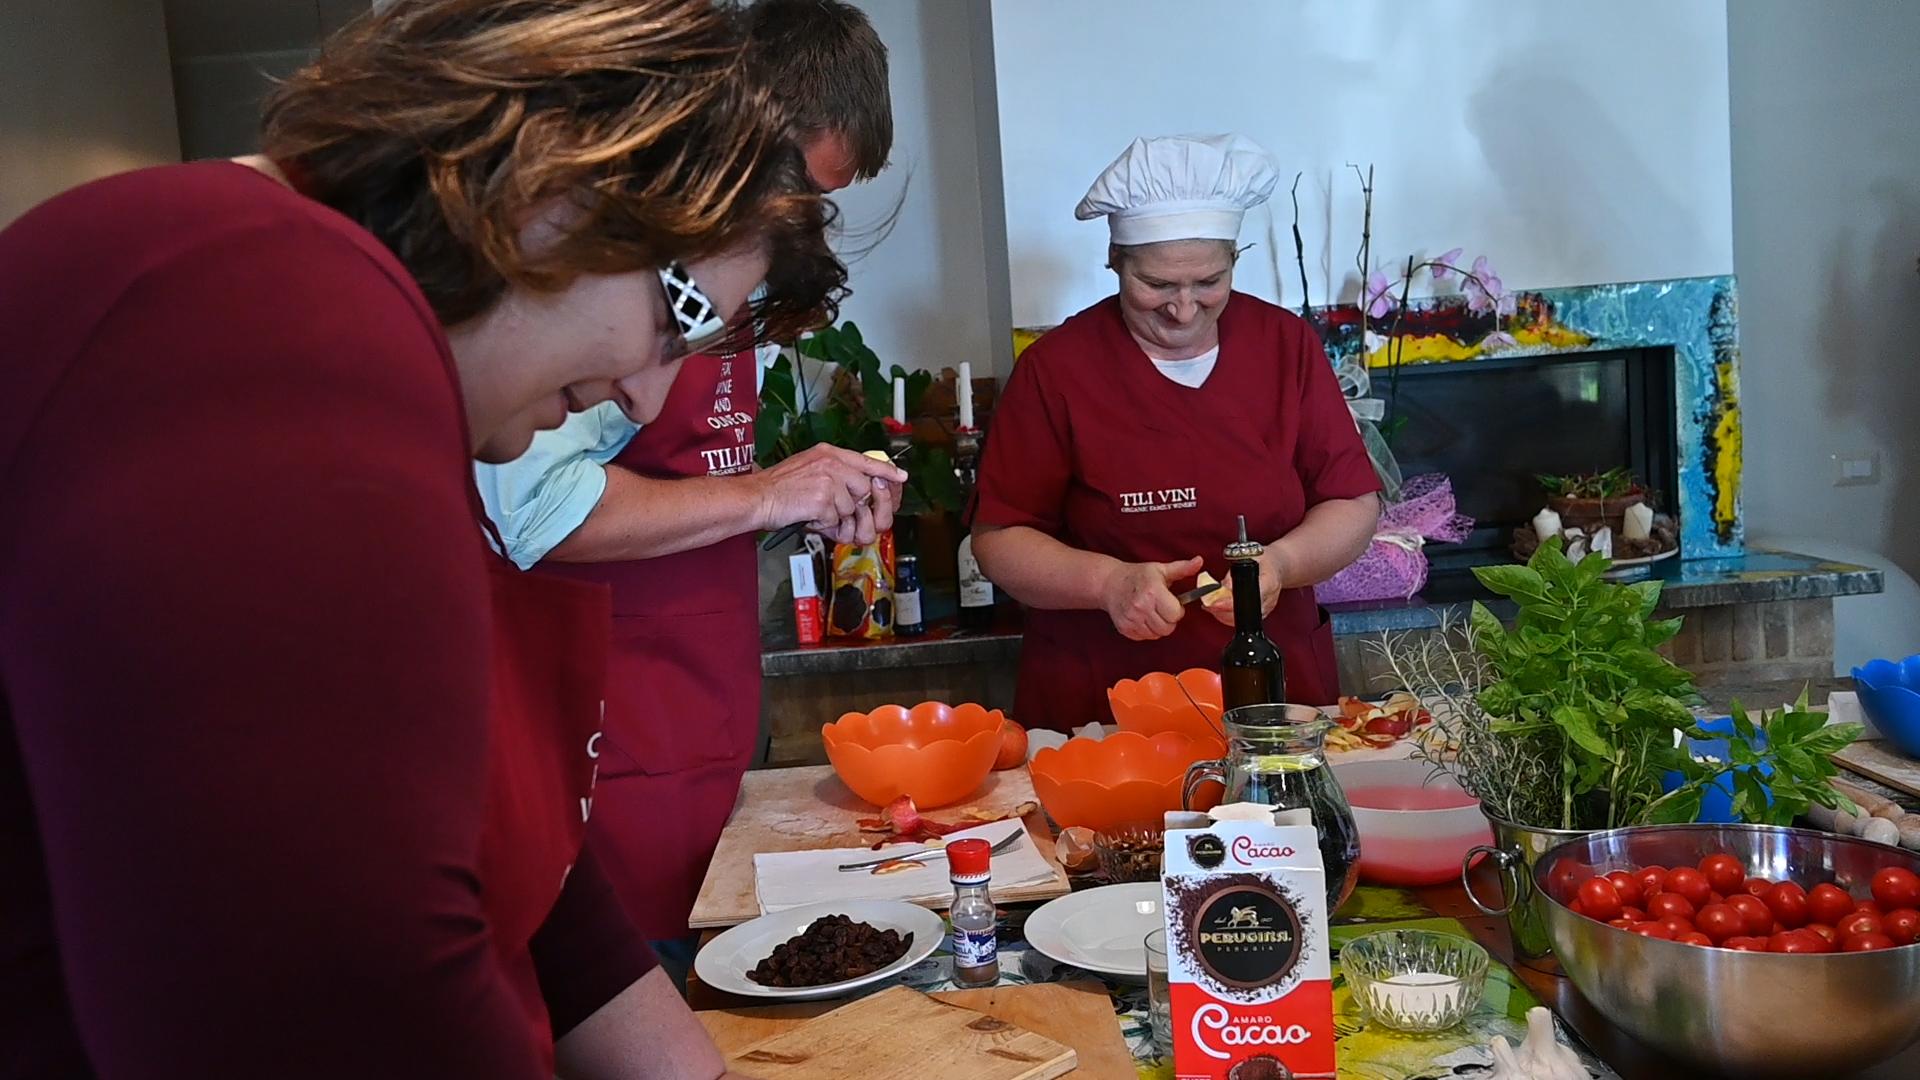 Esperienza sensoriale Assisi Tili Vini - Lezioni di cucina Umbra 12